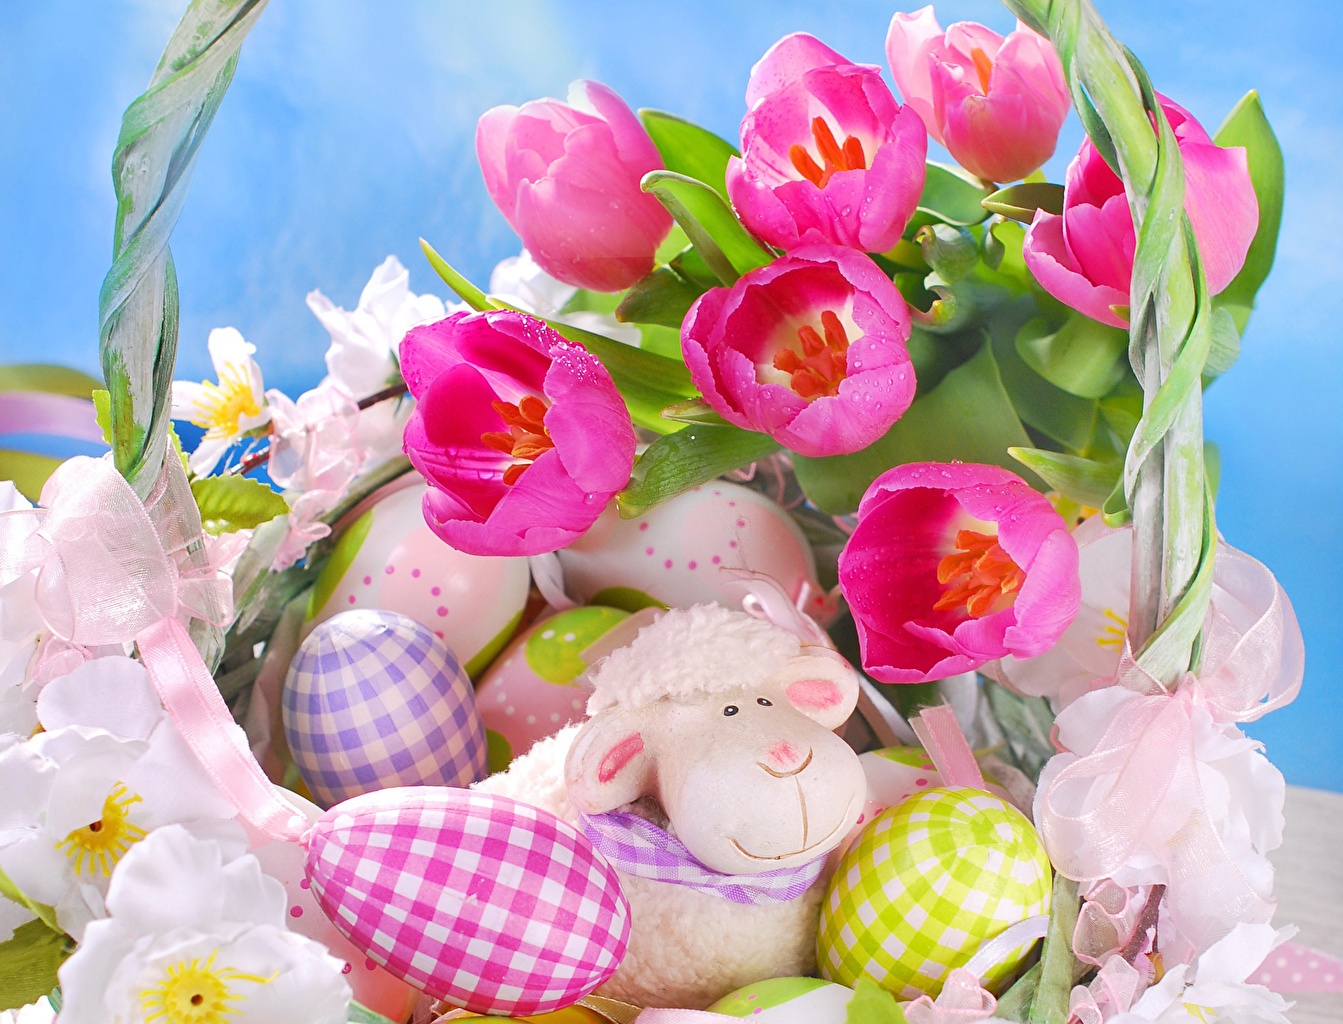 Обои для рабочего стола Пасха розовых Тюльпаны цветок Праздники тюльпан розовая розовые Розовый Цветы